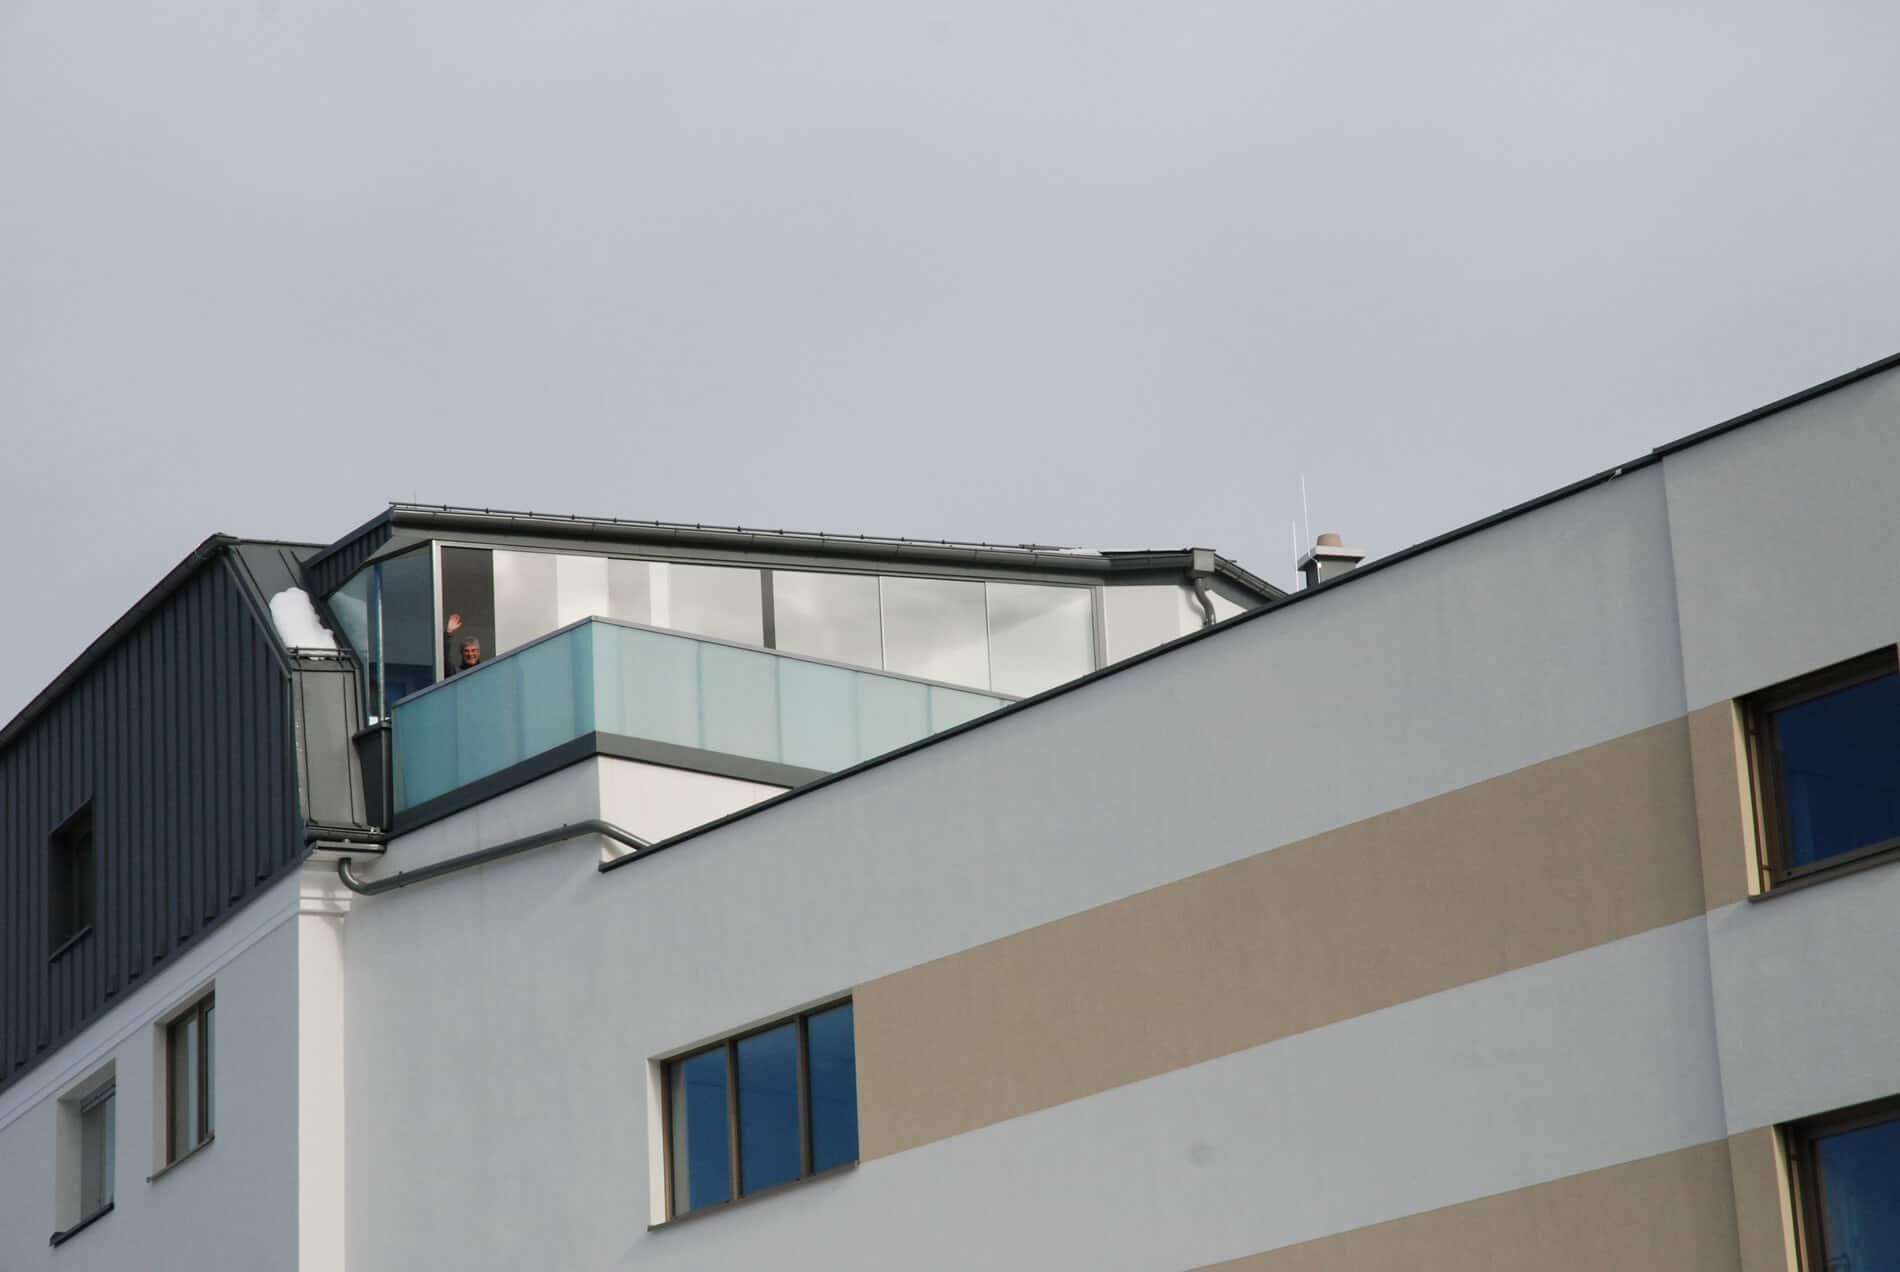 Wetterschutz auf Dachterrasse aus Glas